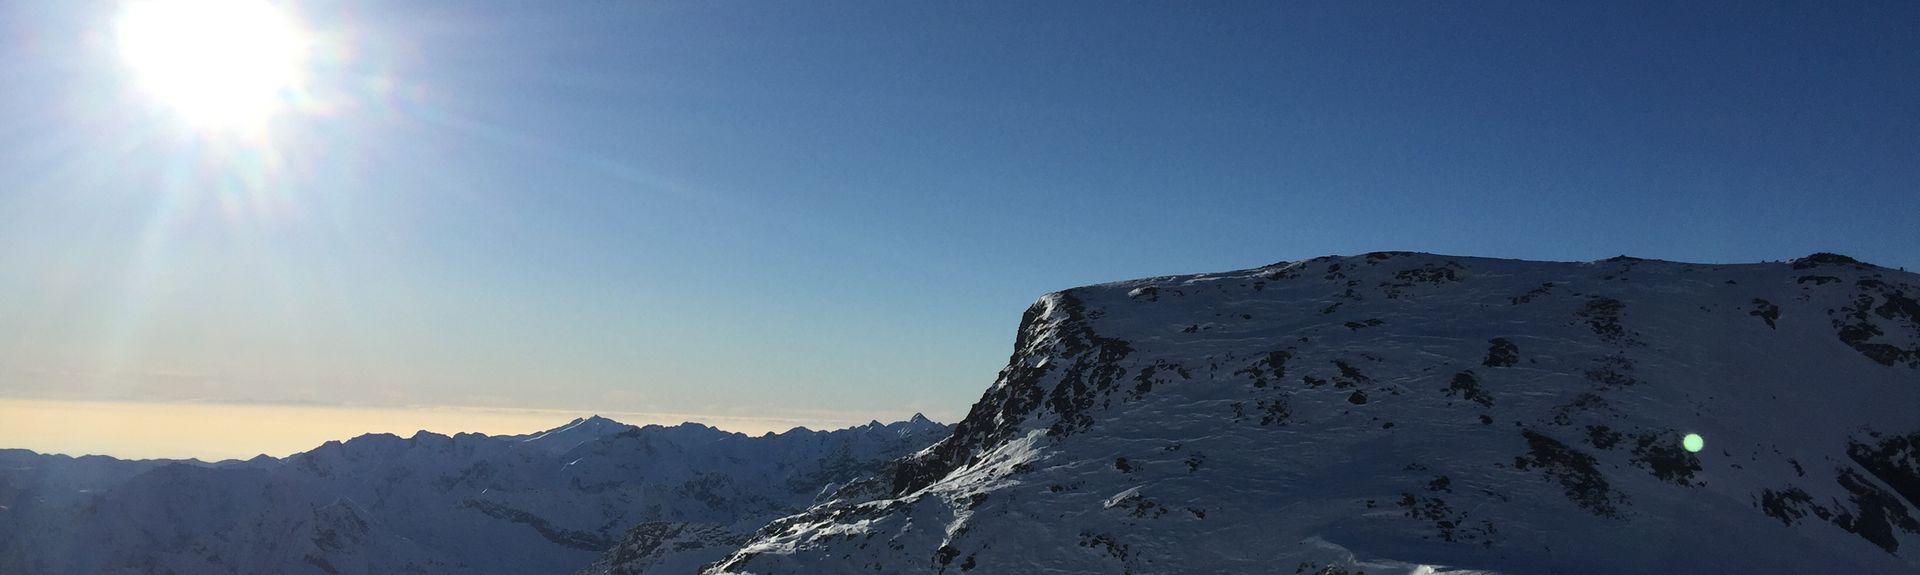 Ayas, Aosta Valley, Italy